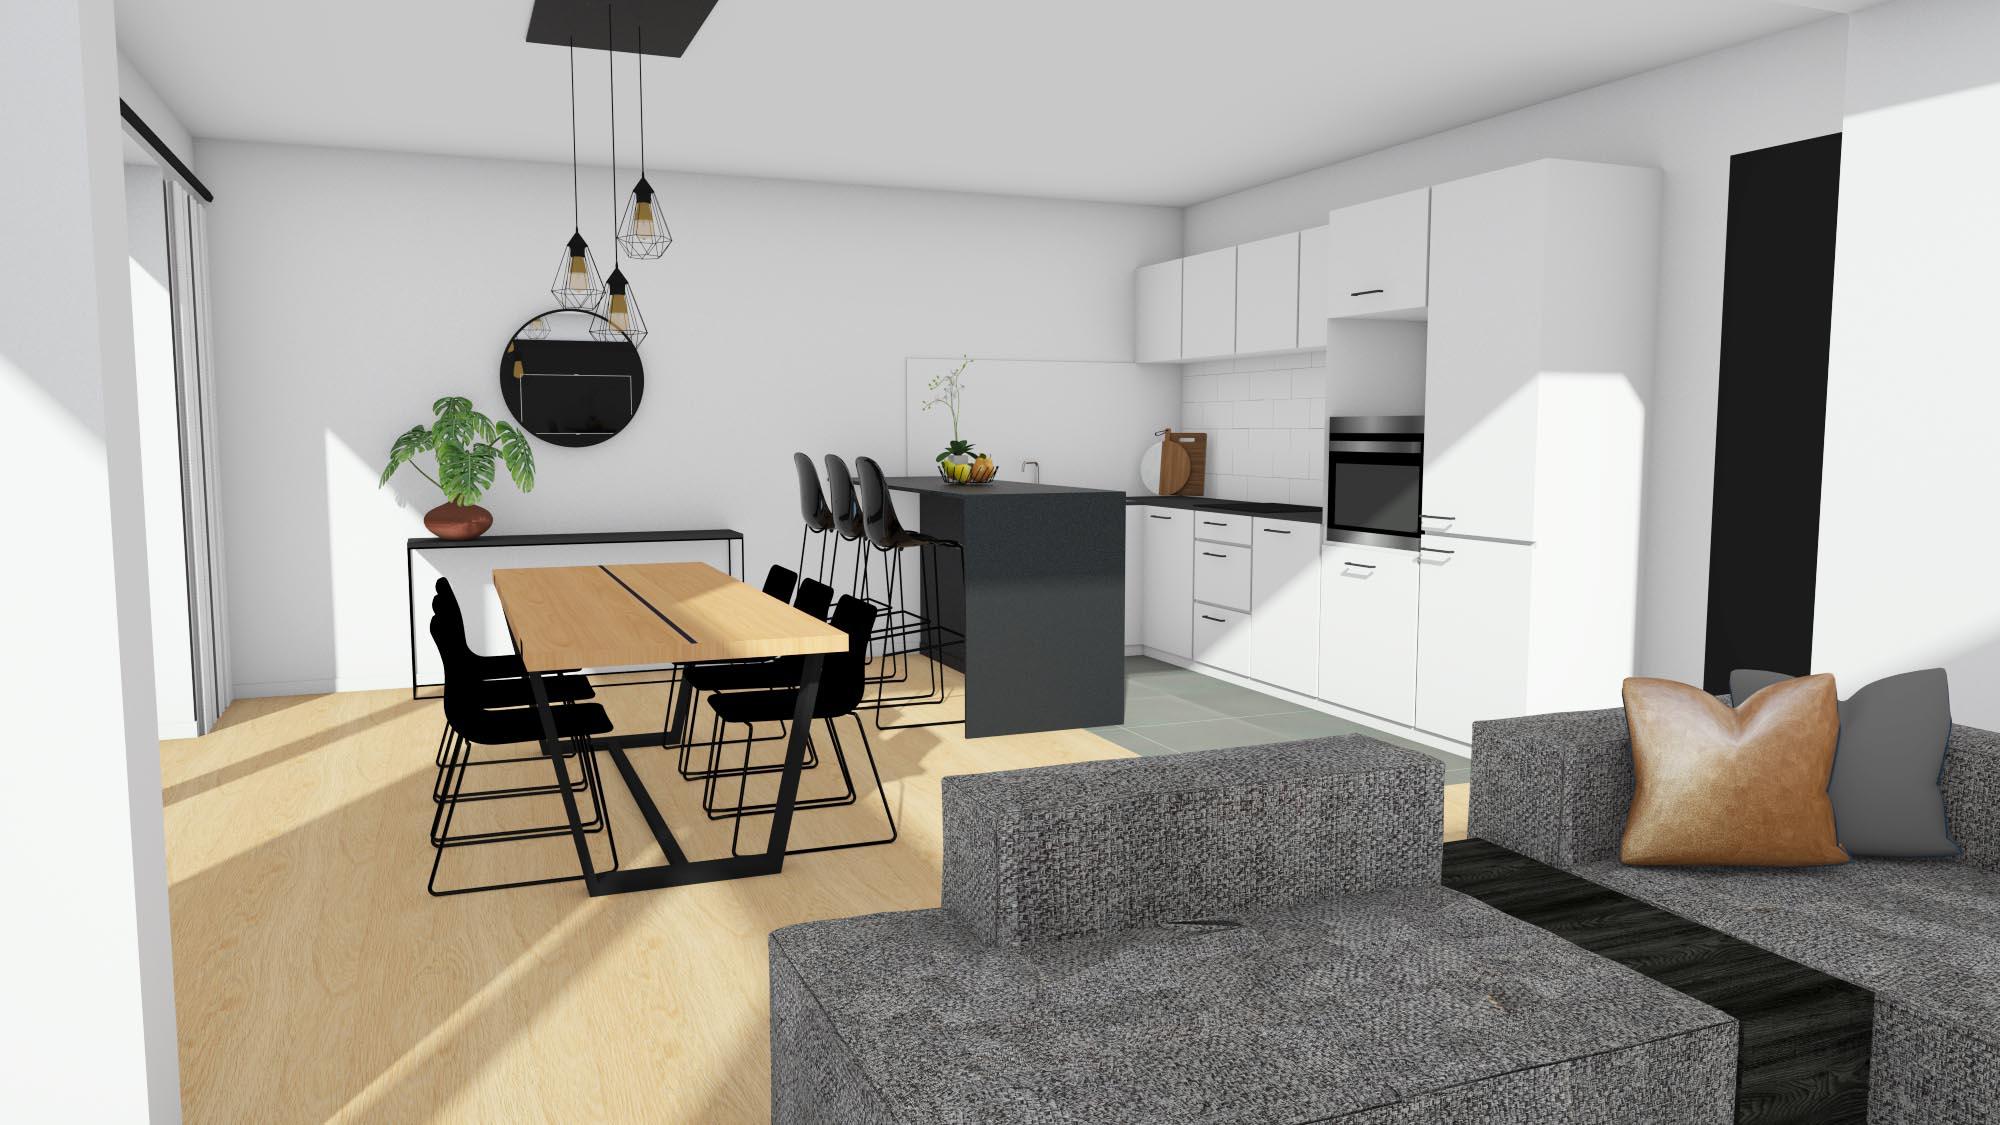 Evolution-interieurwinkel-hasselt-totaalinrichtingen-familie-V-3D-visualisatie-keuken